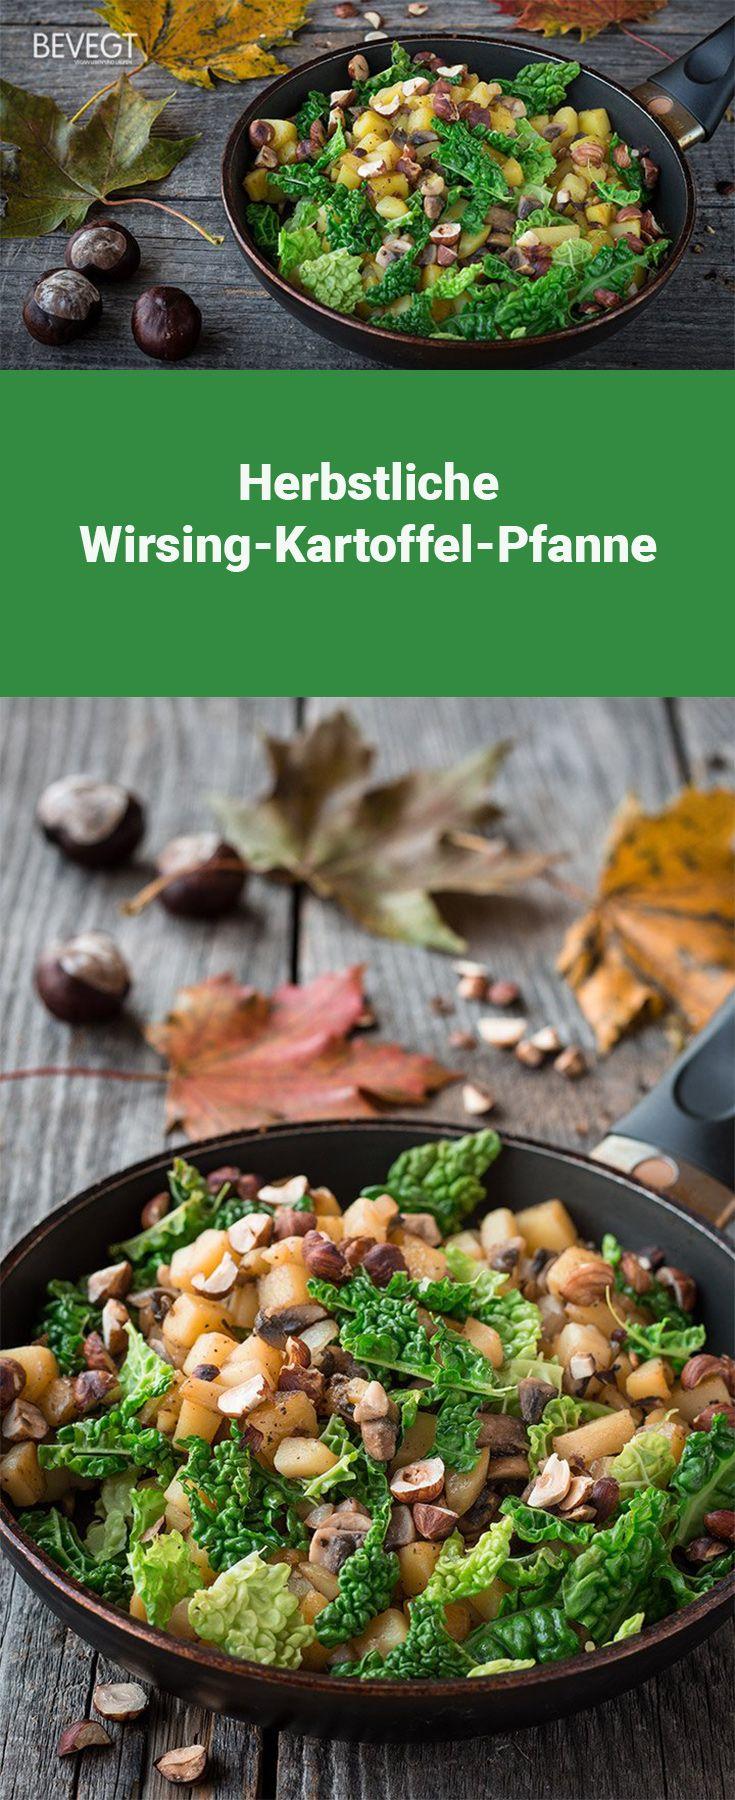 Herbstliche Wirsing-Kartoffel-Pfanne: schnell gemacht und lecker!